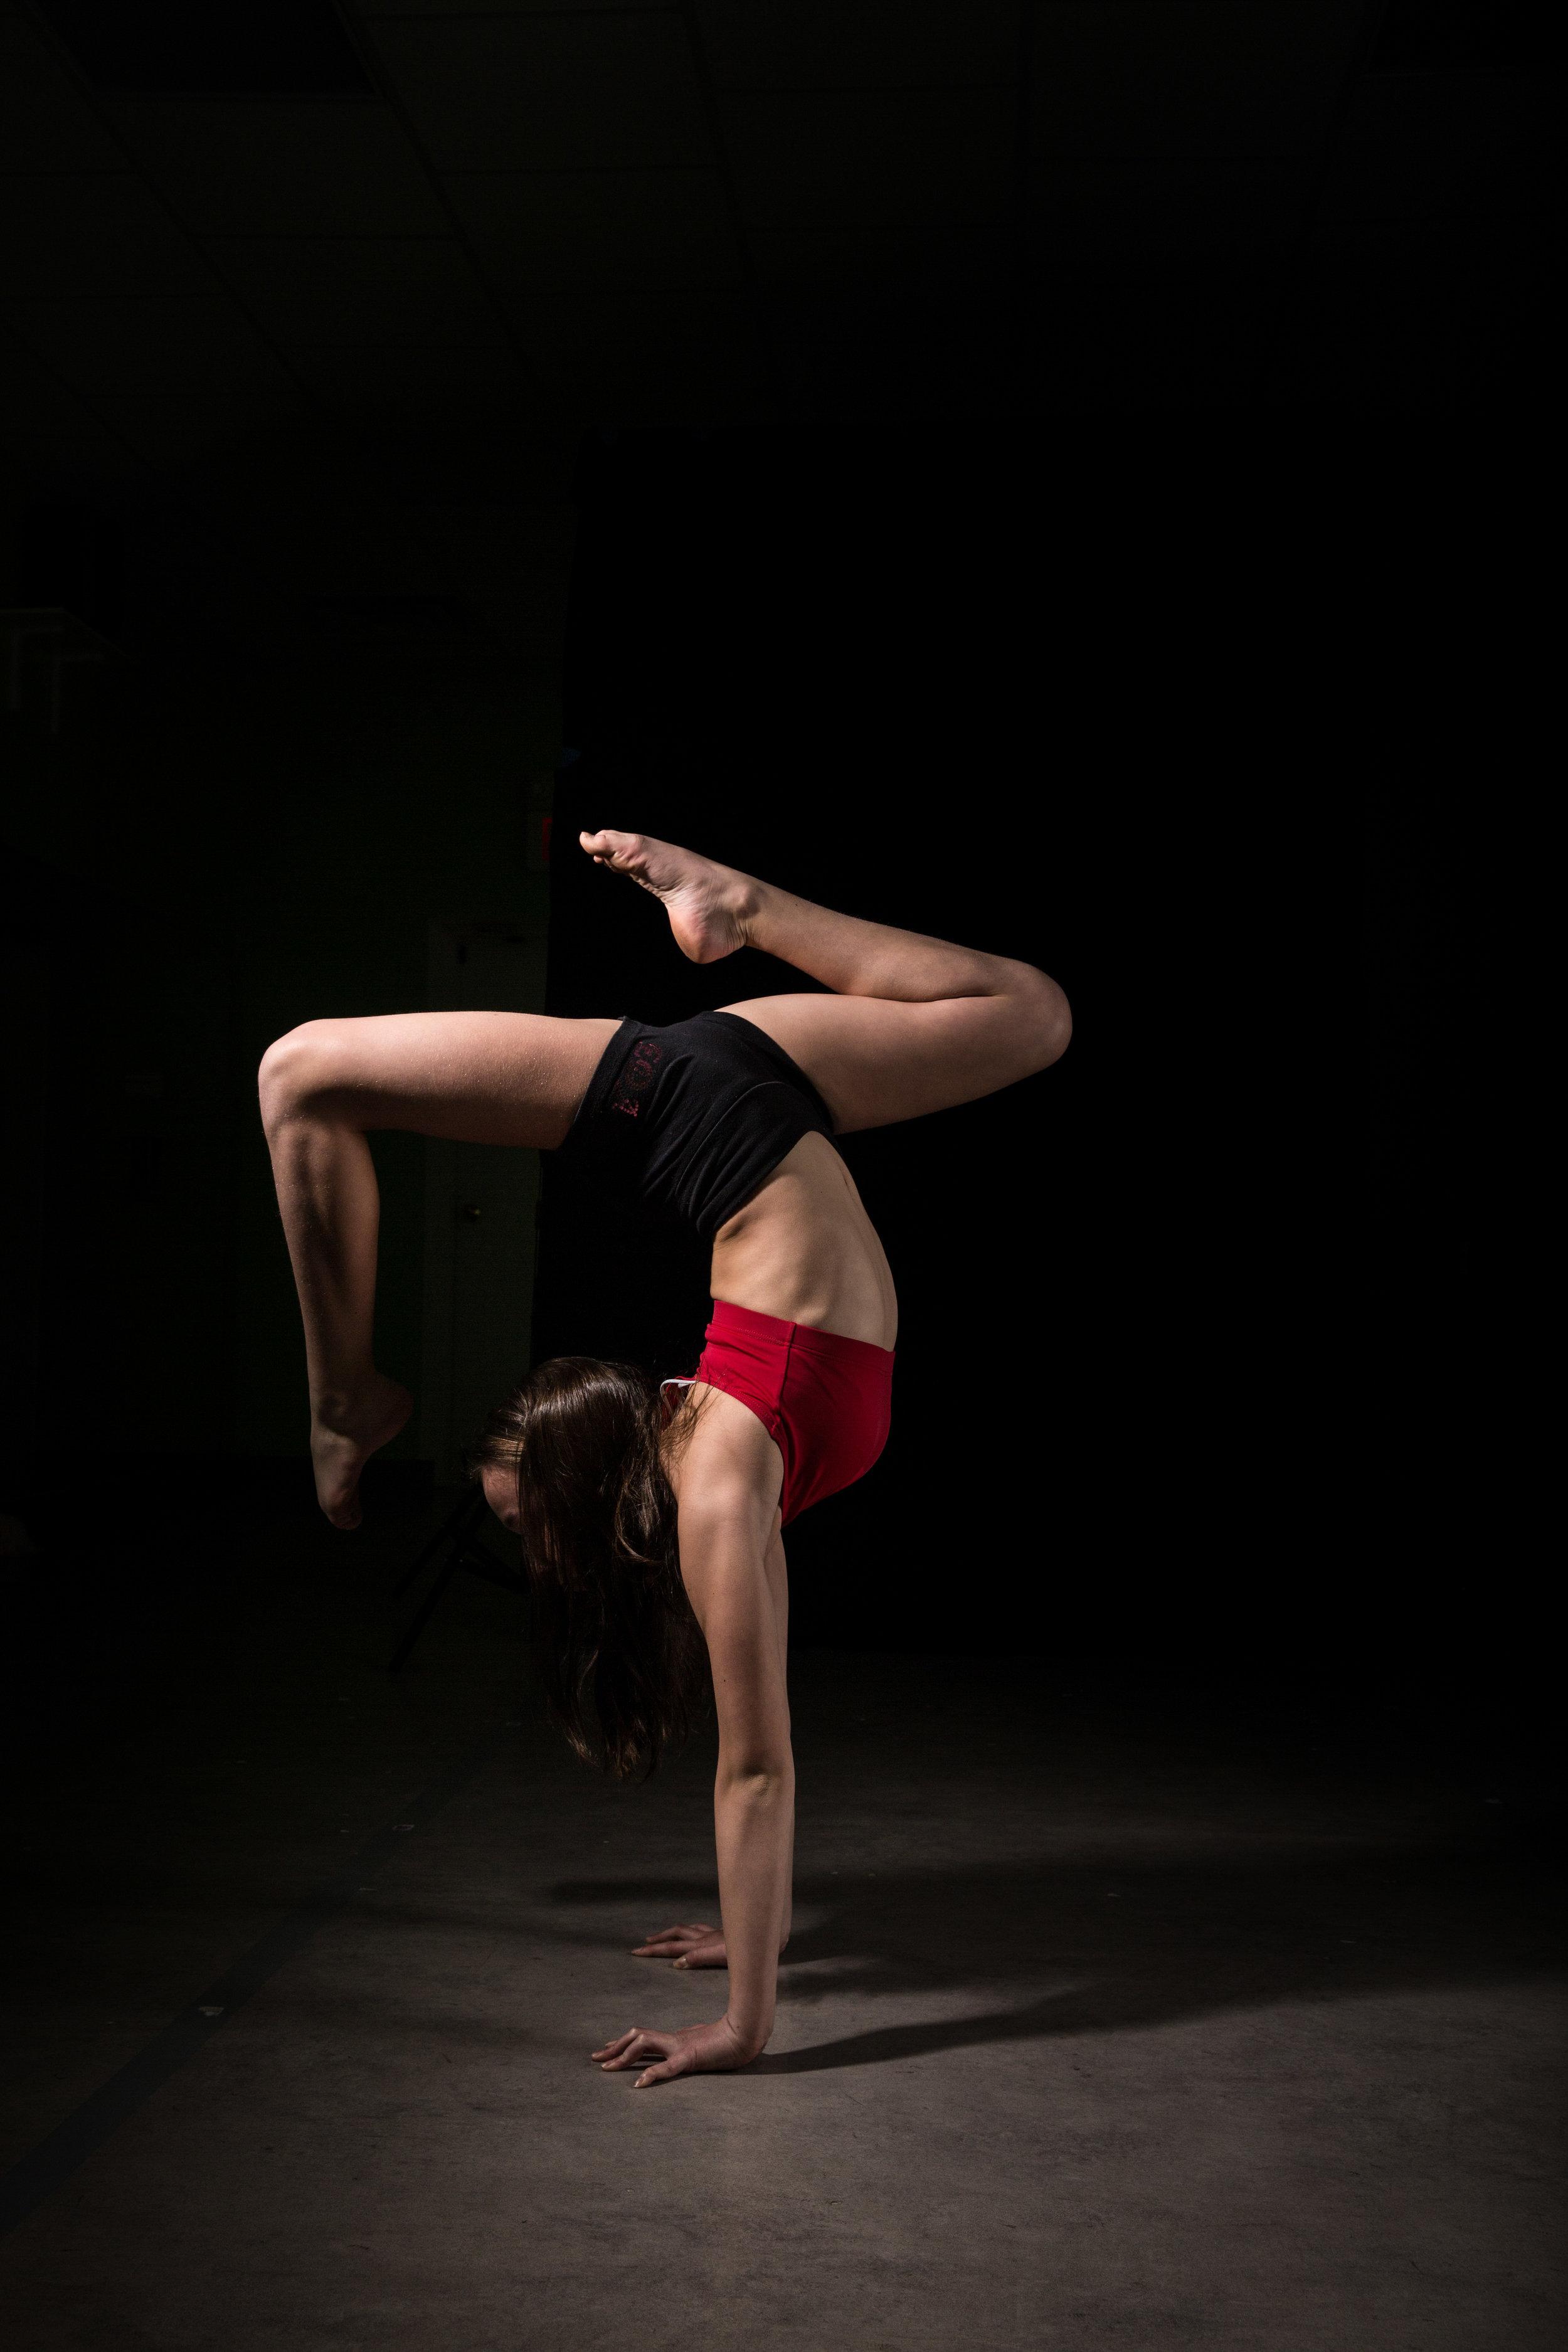 LR_Express_Dancer_Series-29.jpg